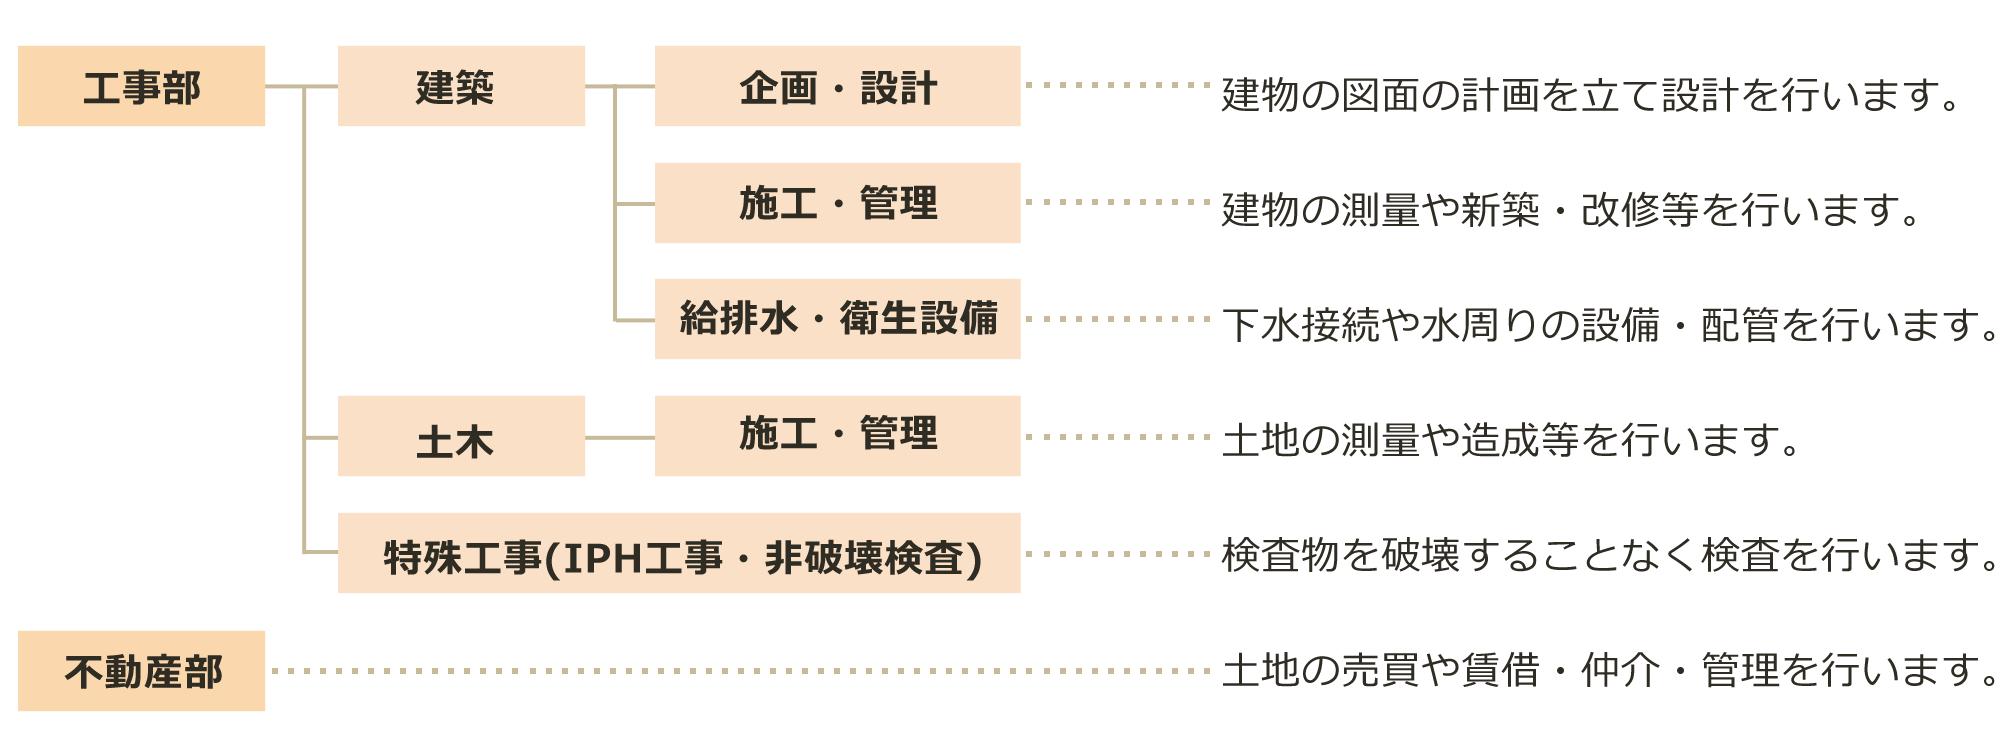 企業体制・組織図